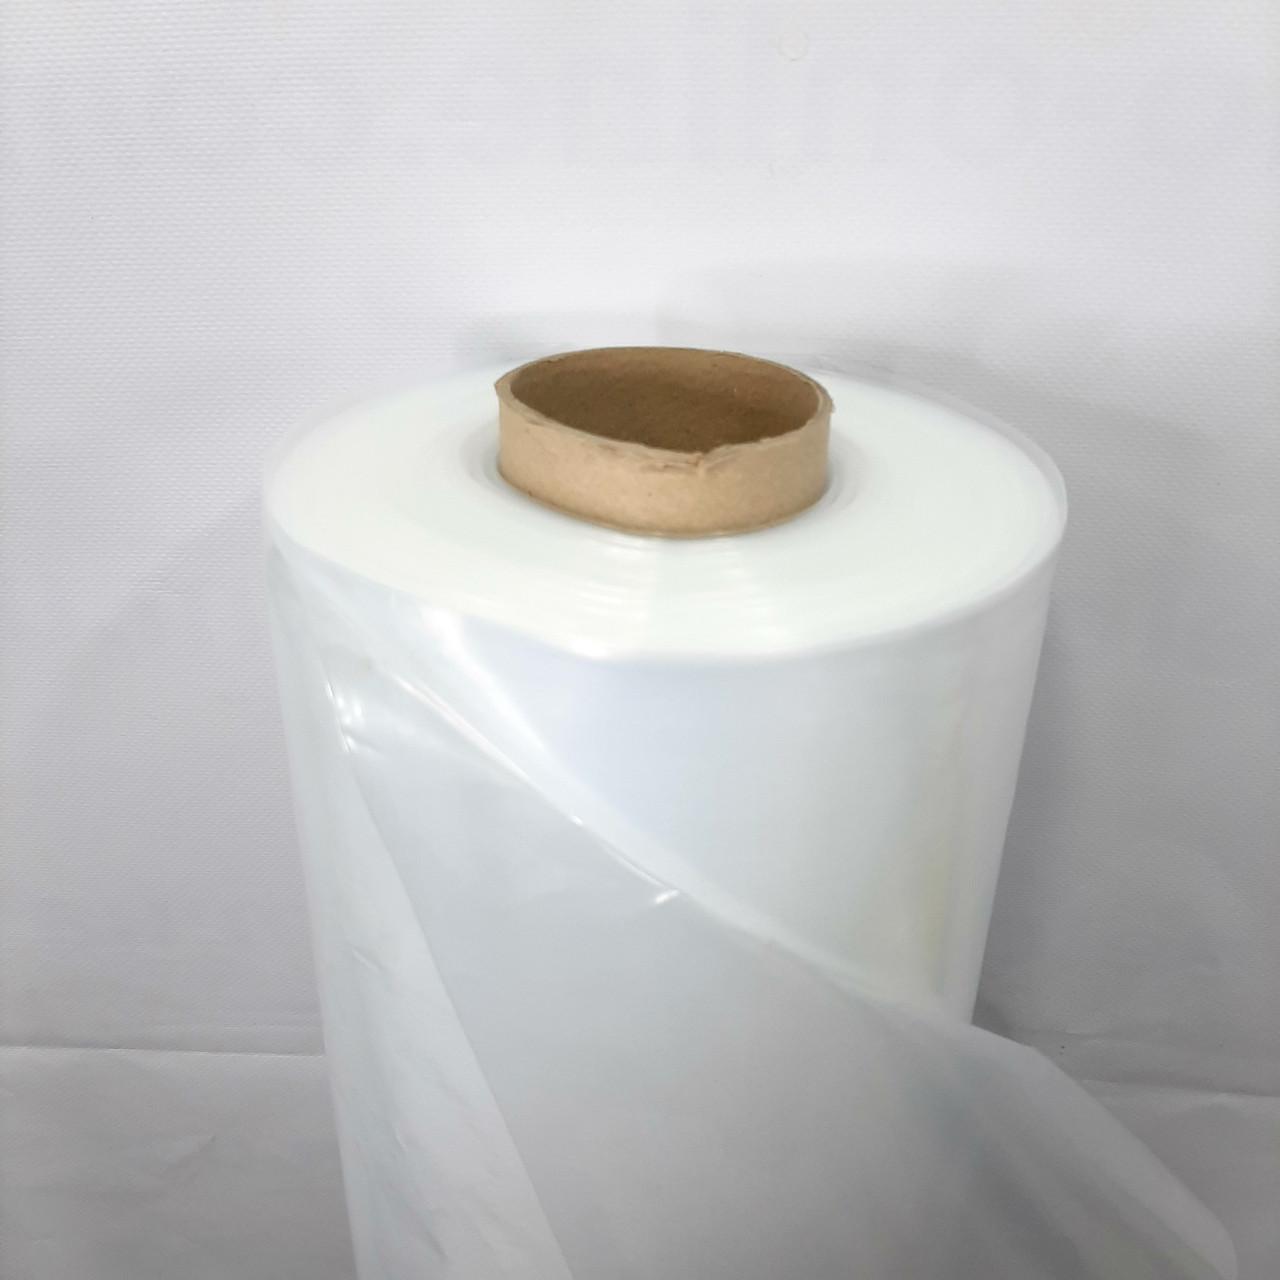 Пленка тепличная (белая), 30мкм, 3м/100м. Прозрачная (парниковая, полиэтиленовая).